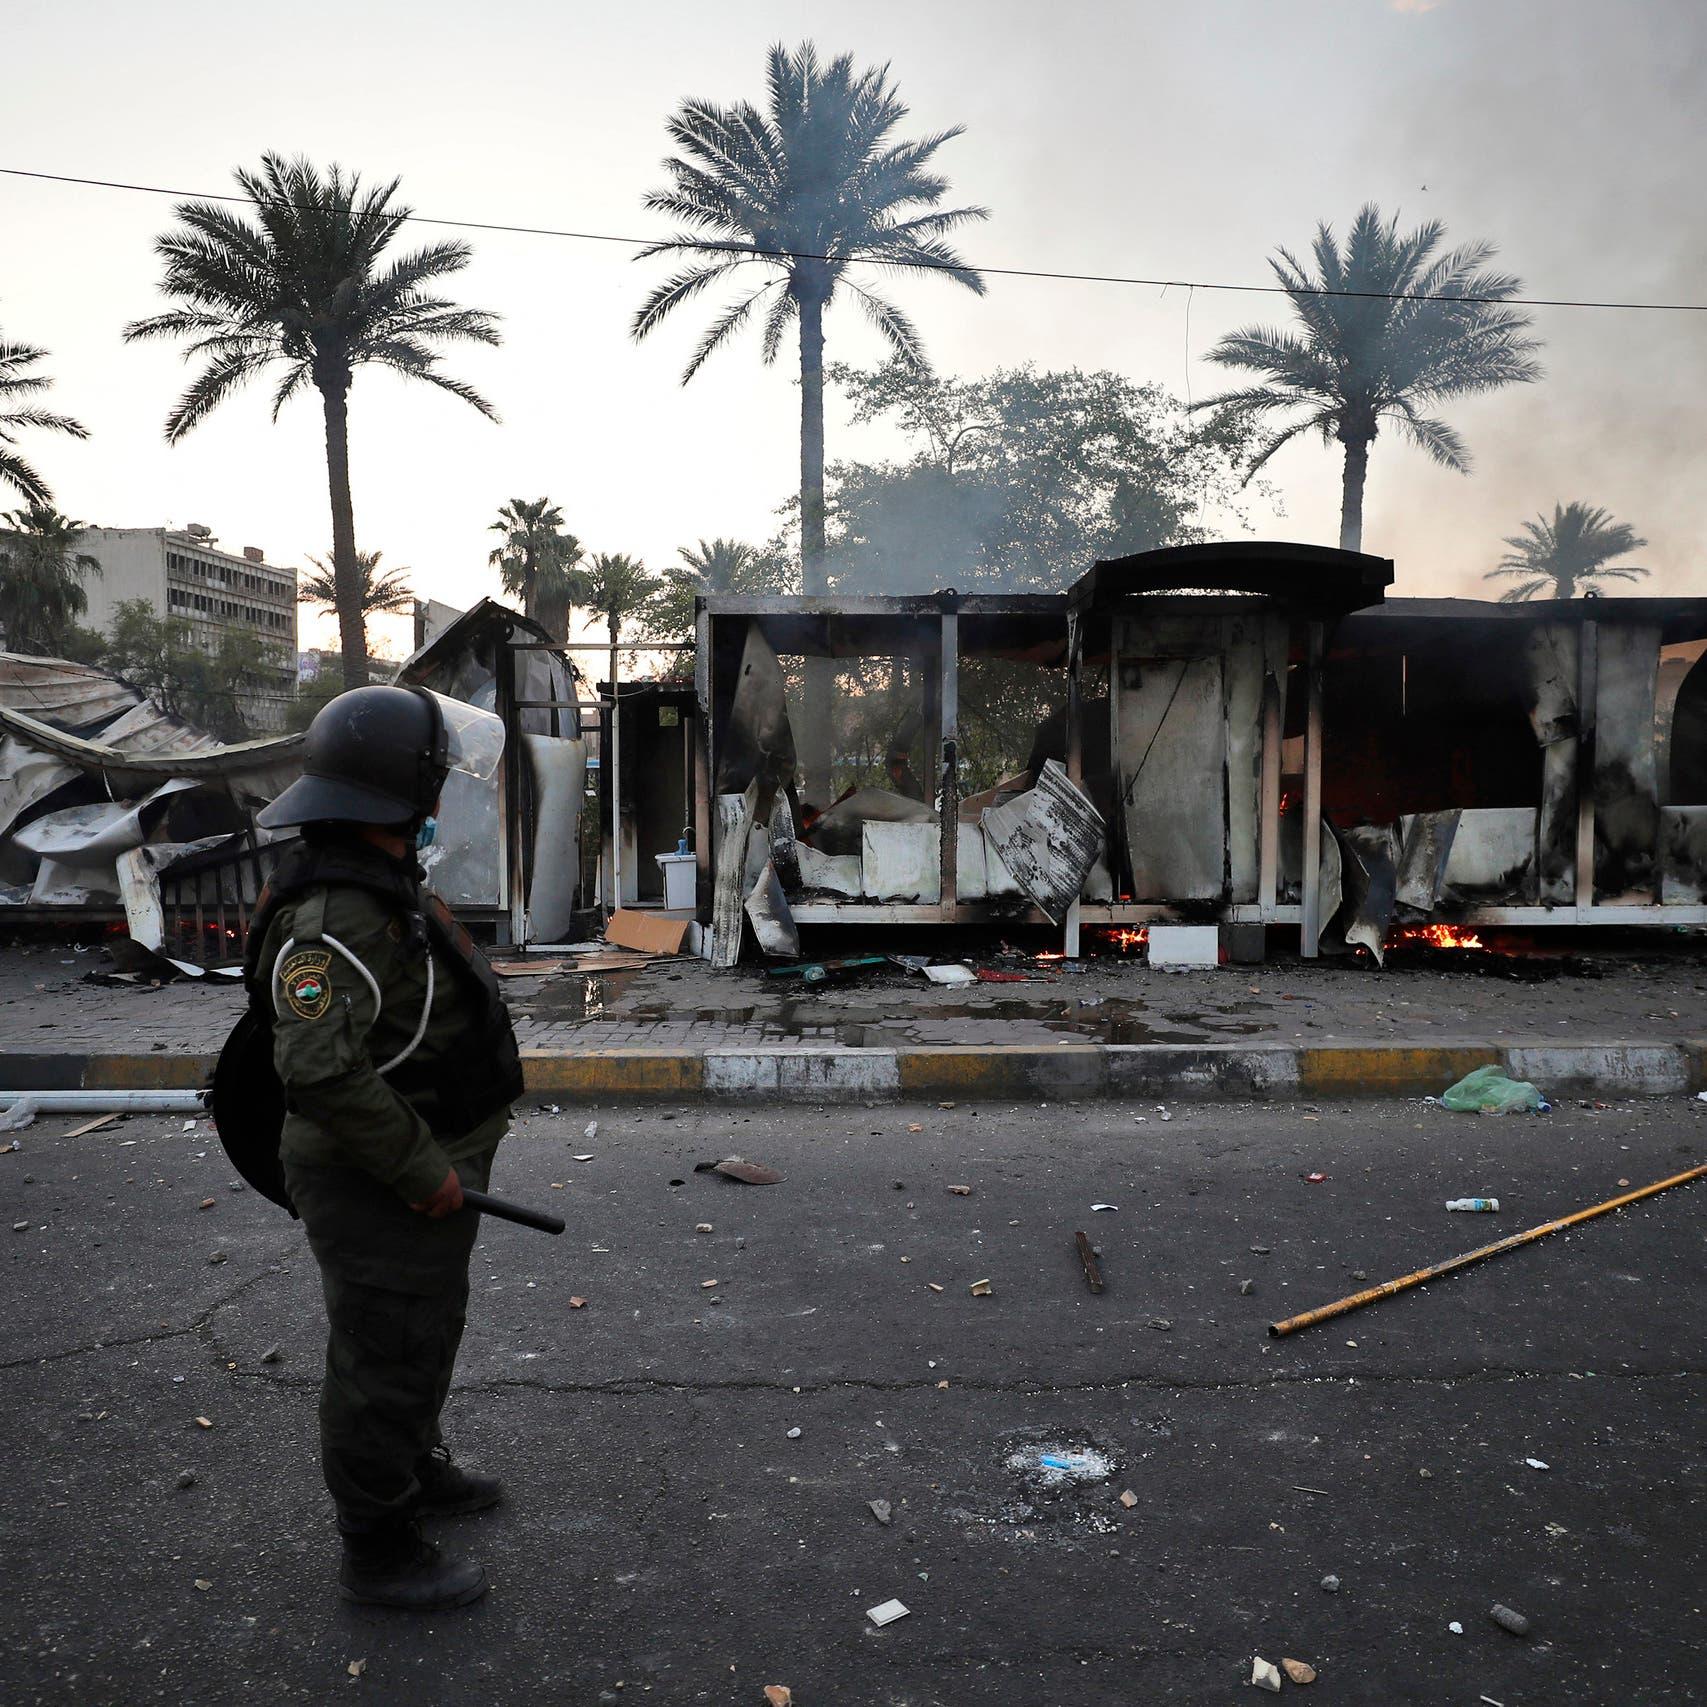 الميليشيات حاضرة.. ناشطون قلقون على انتخابات العراق